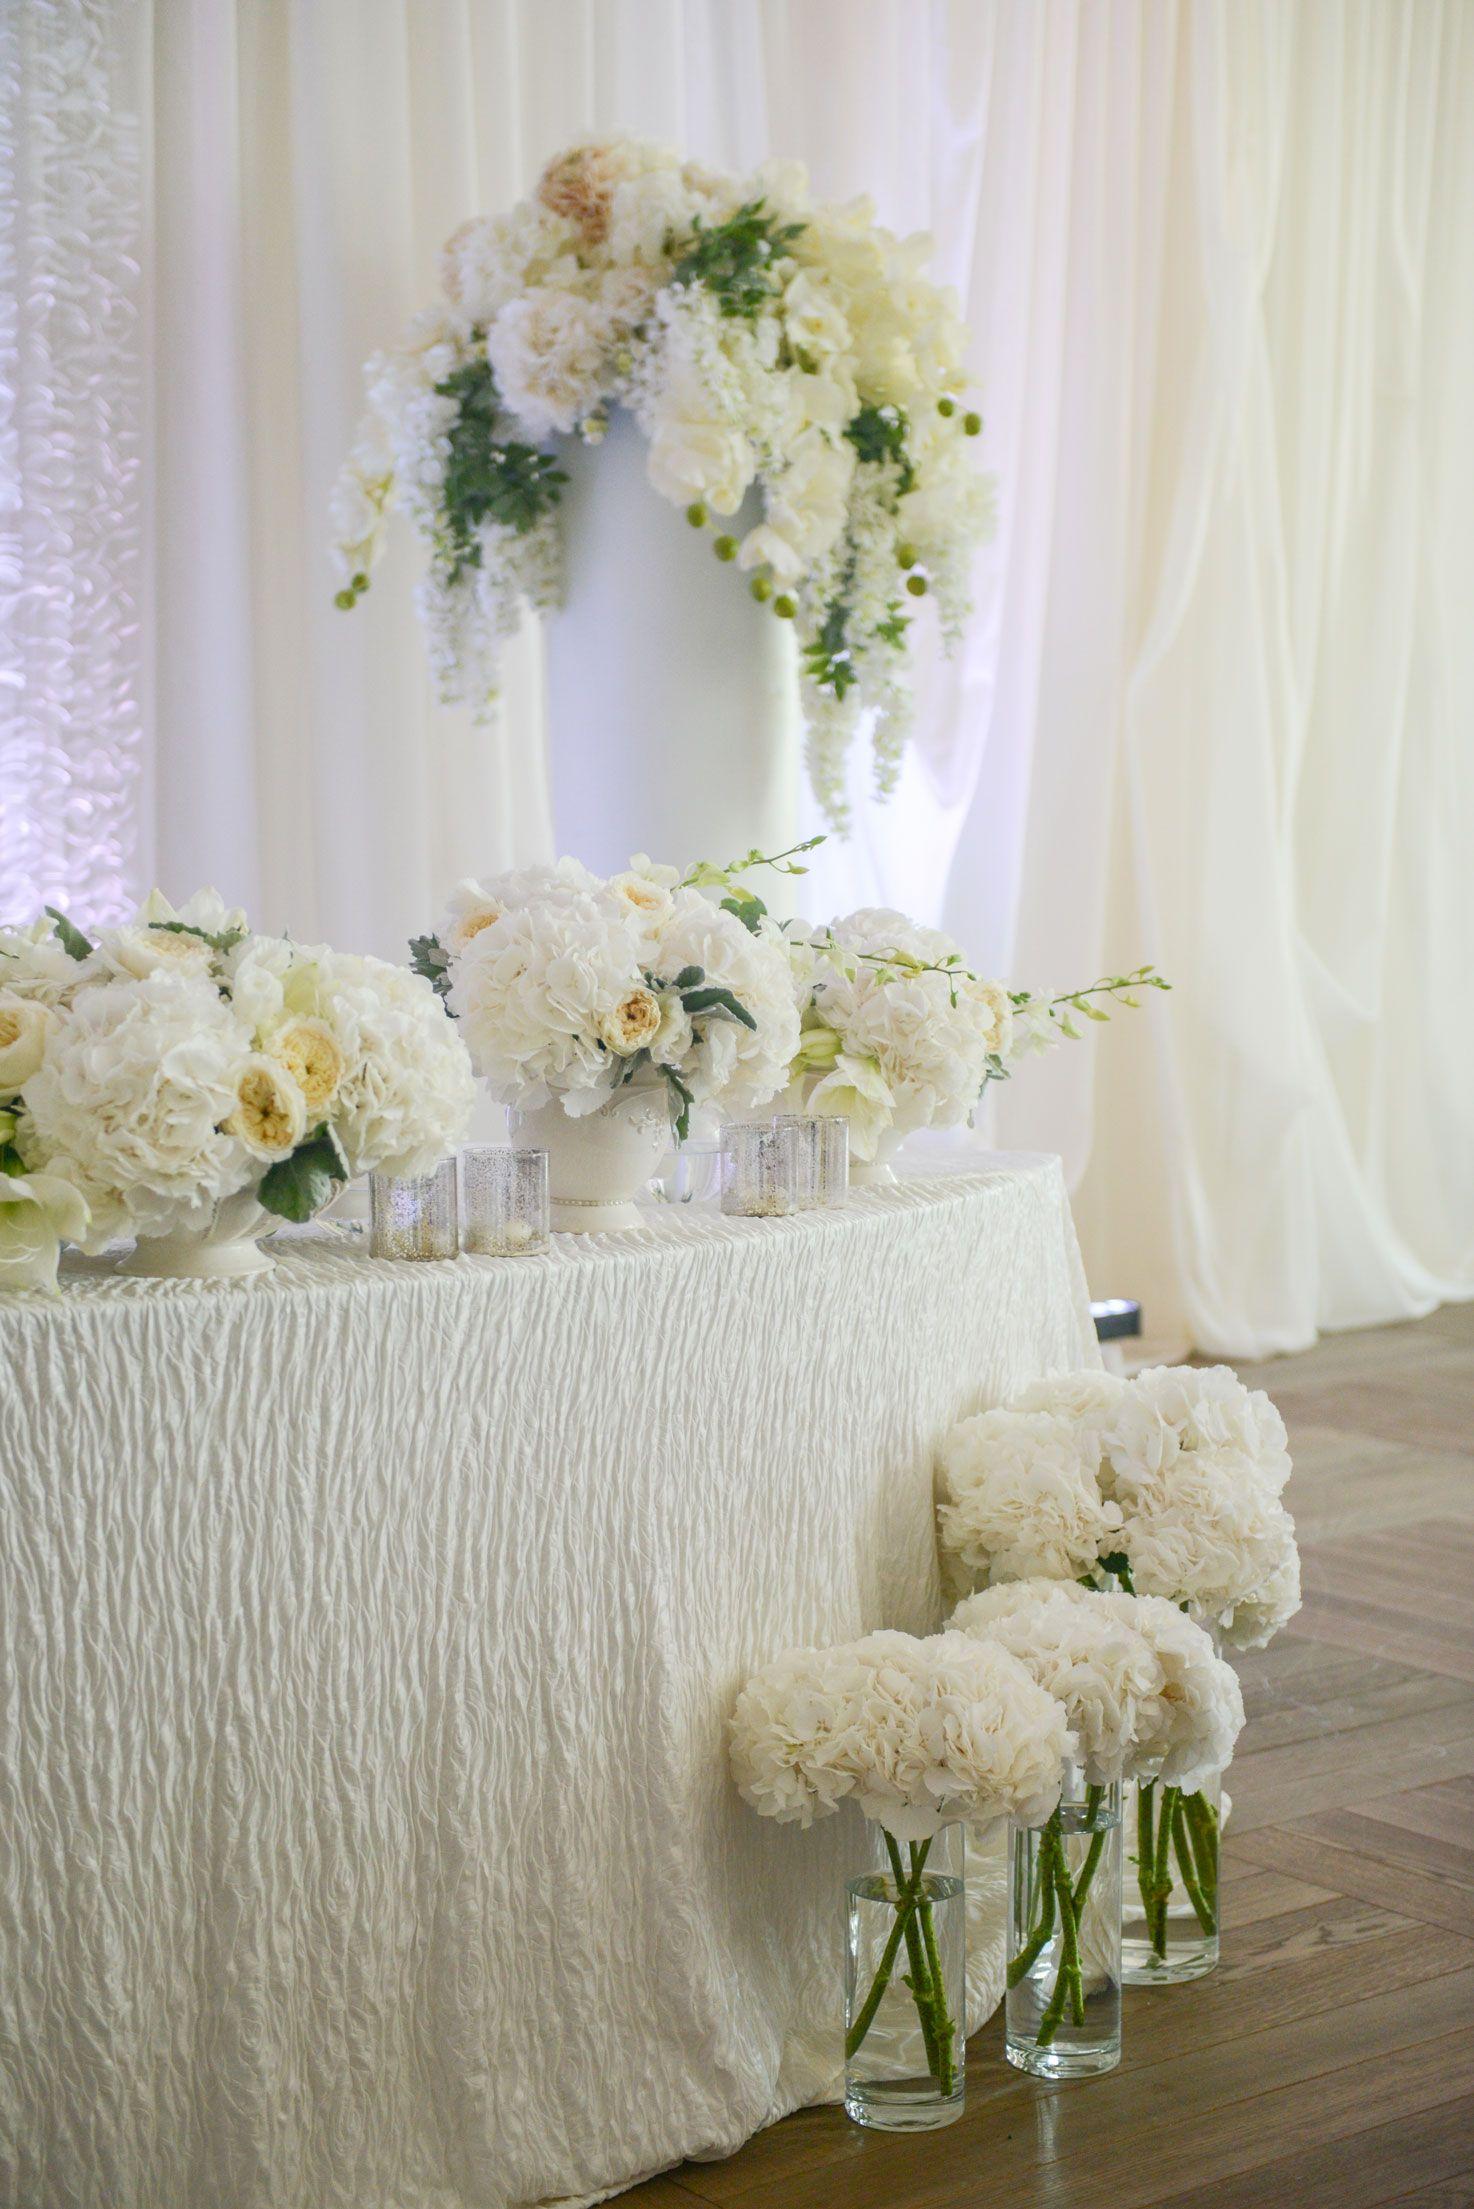 wedding ceremony, wedding decor, sweetheart table decor, wedding table setting, guests, сервировка стола, свадебная сервировка, цветы, именные карточки гостей, номера столов, стол молодоженов